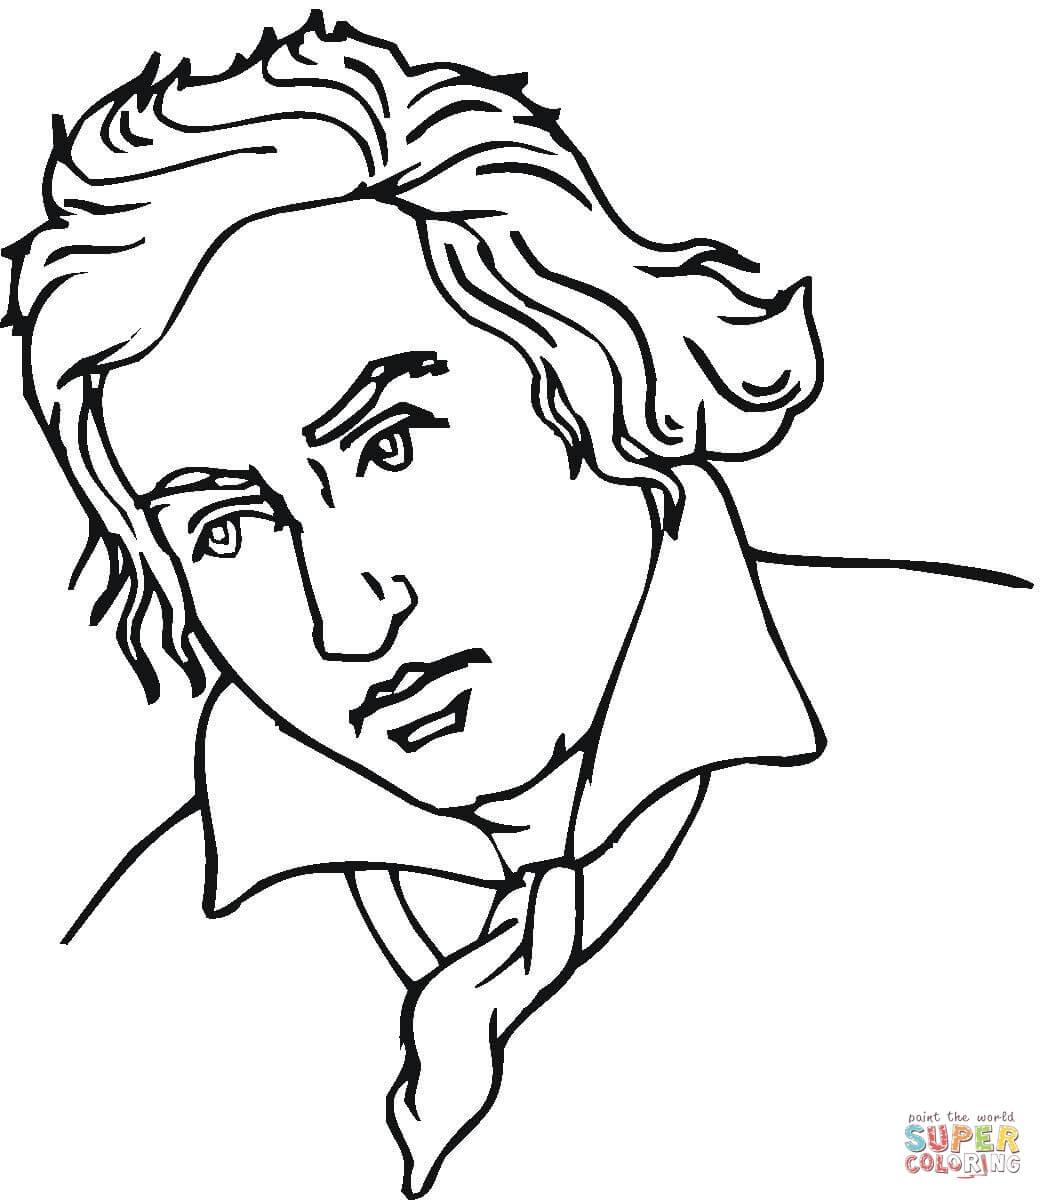 Dibujo De Ludwig Van Beethoven Para Colorear